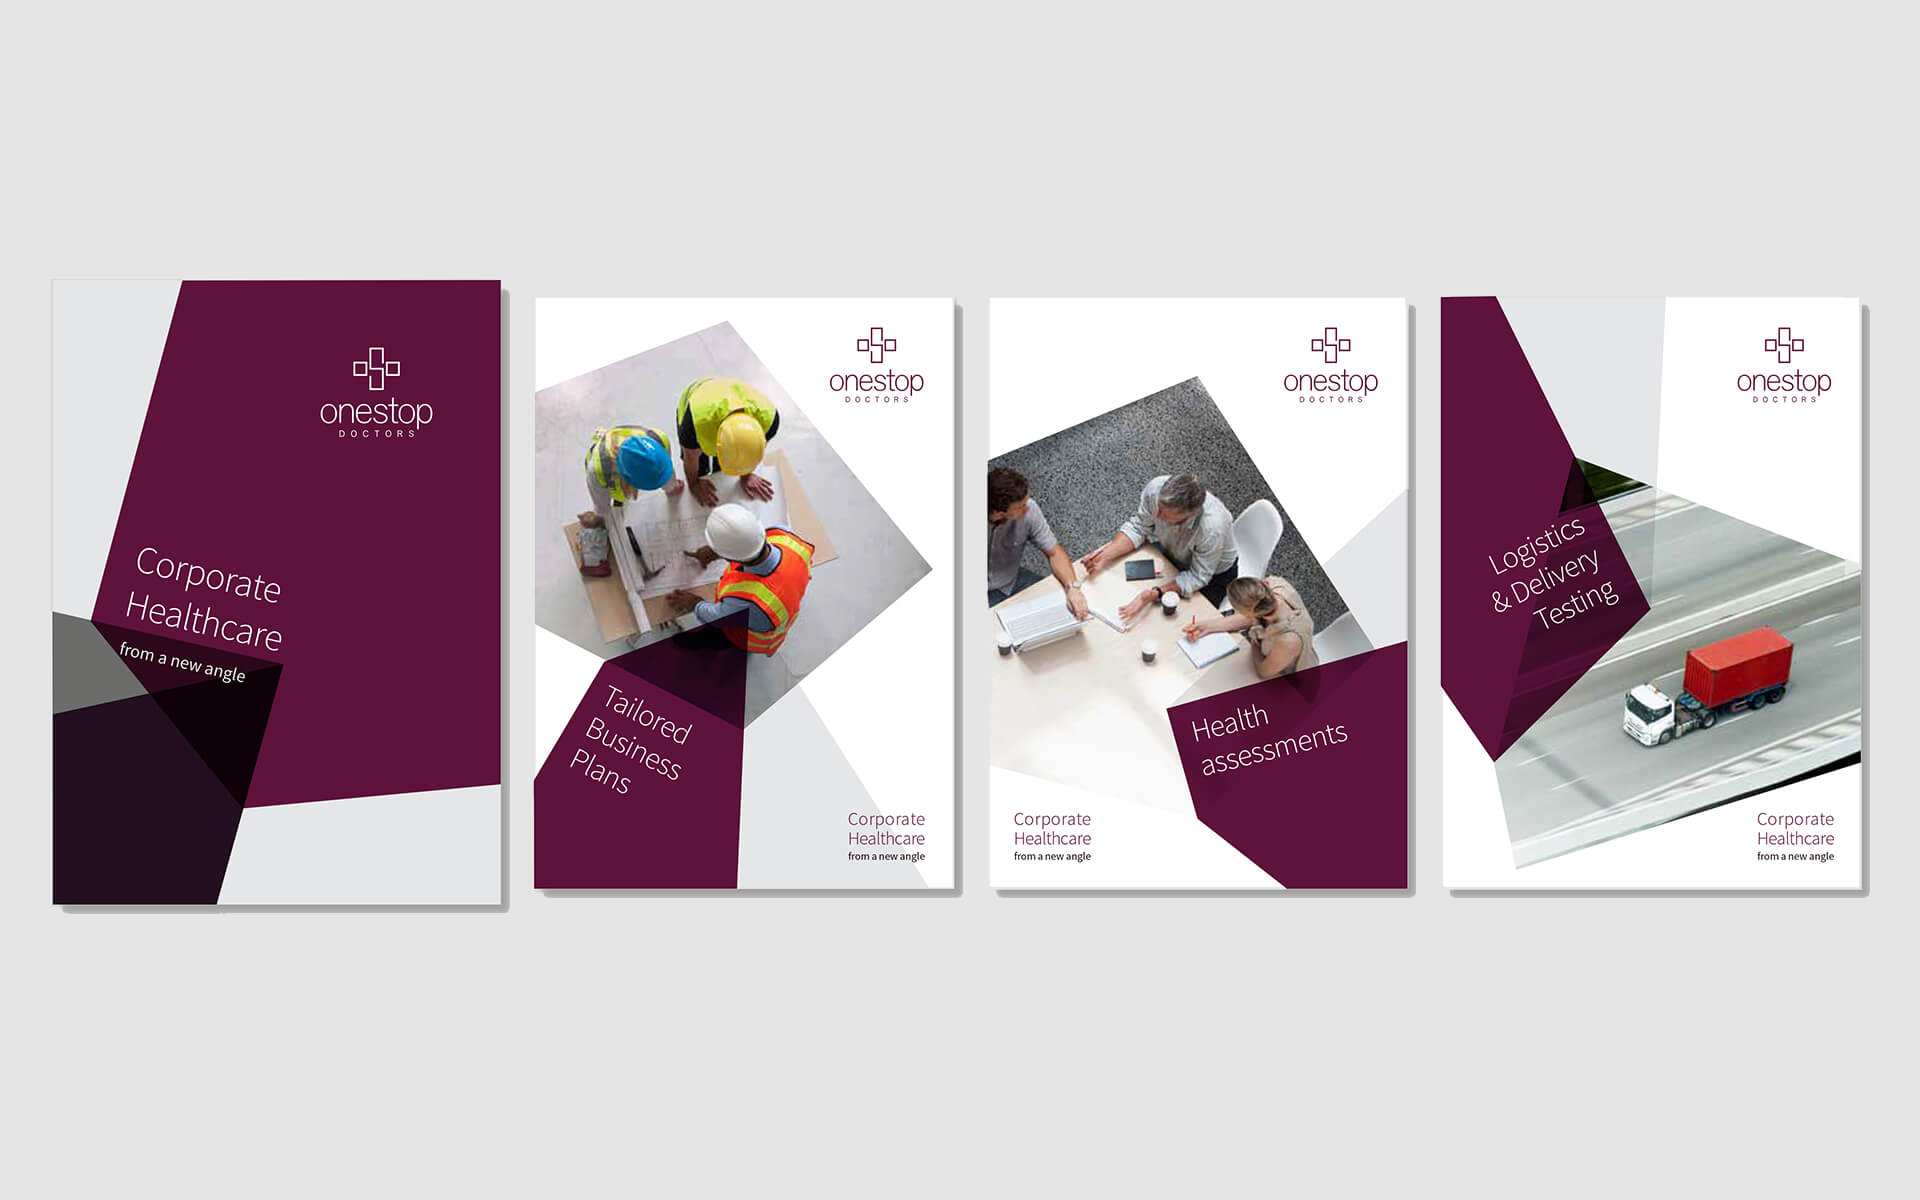 one stop doctors b2b brochure